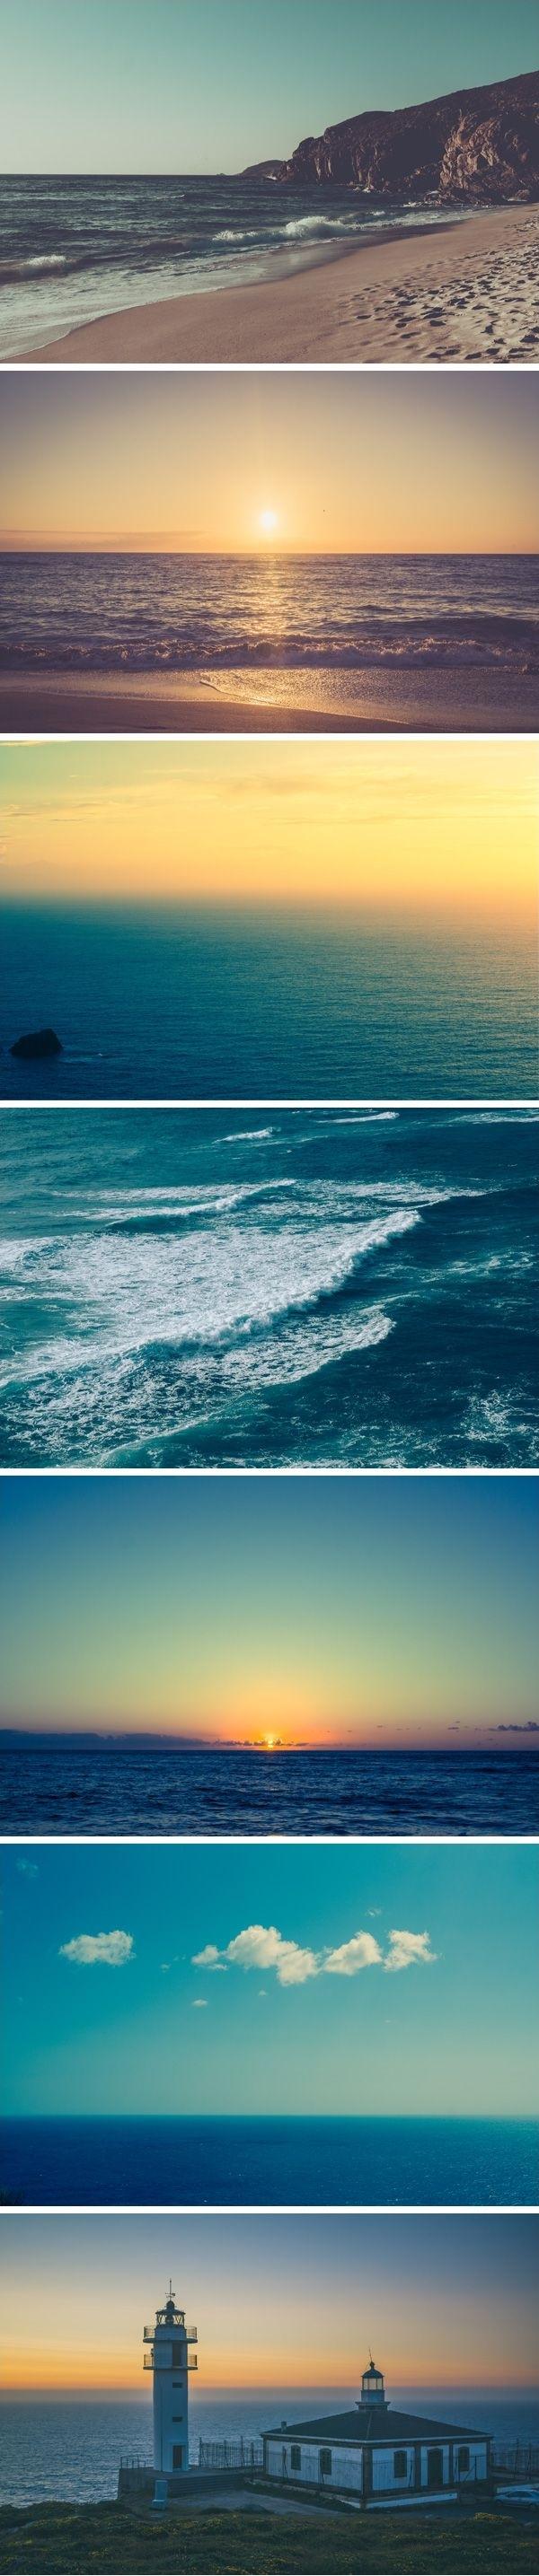 تصاویری زیبا از امواج خارق العاده دریا